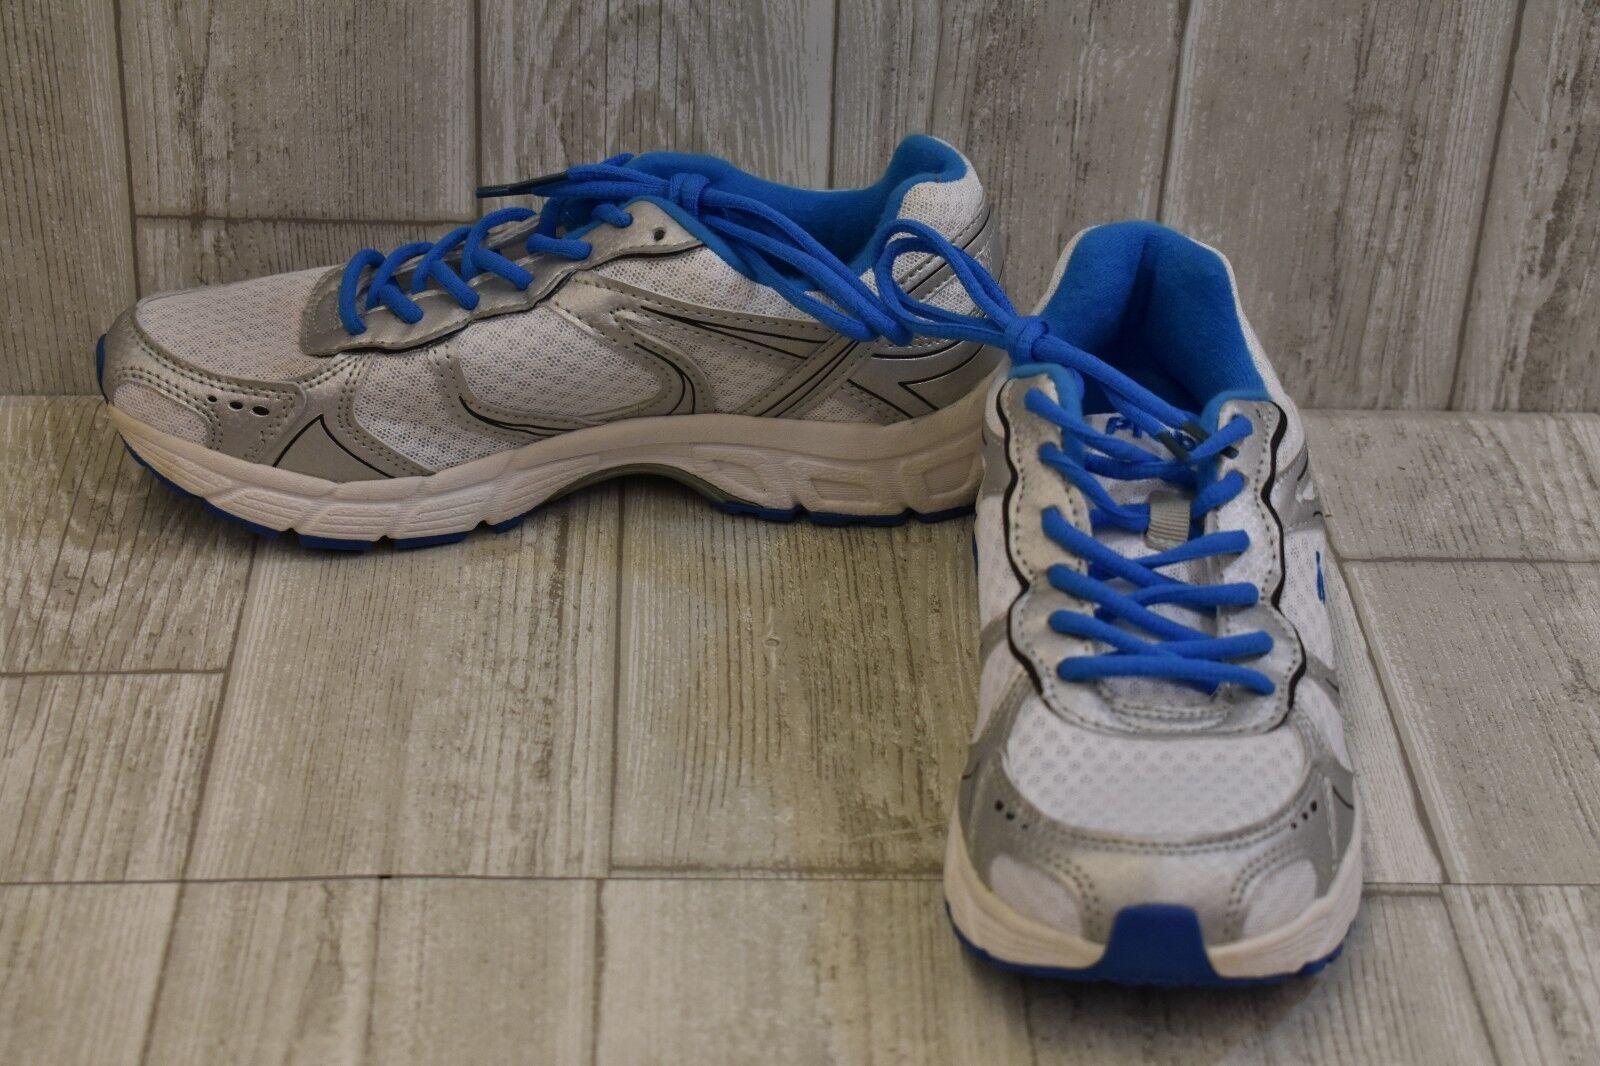 Propet XV550 Walking shoes-Women's size 8.5 B White